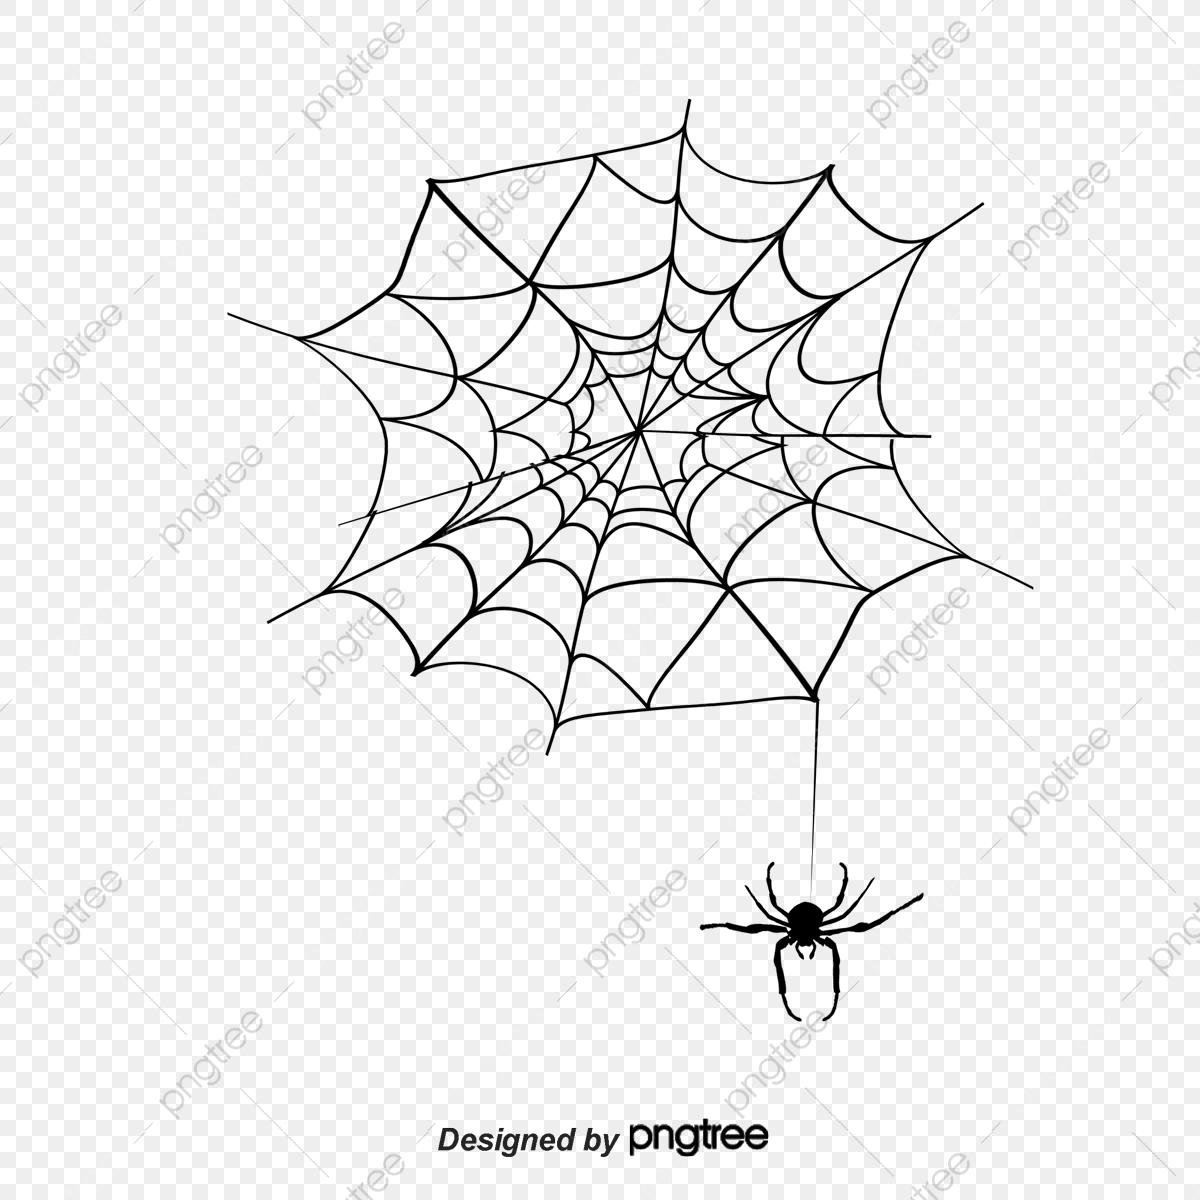 Dessin De Matériau De Toile D'araignée De Silhouette De L avec Dessiner Une Araignee